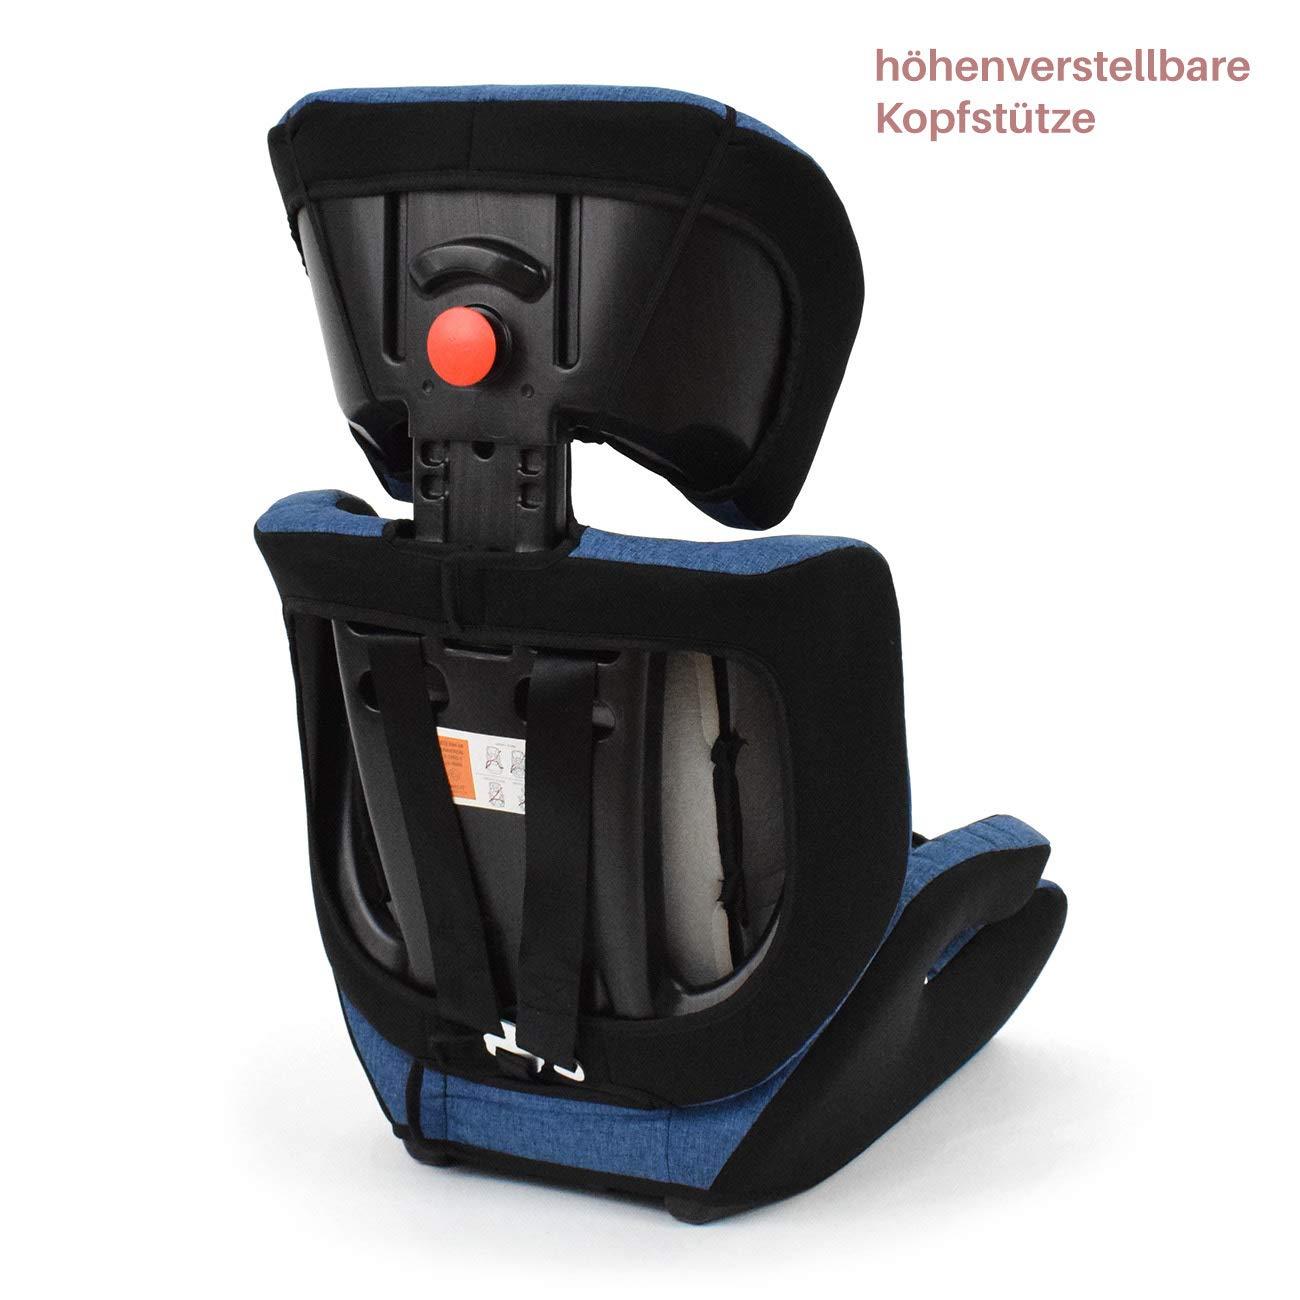 Daliya mitwachsender Autokindersitz Autositz Kinderautositz 9-36kg Gruppe 1+2+3 ECE R 44//04 Beige Schwarz